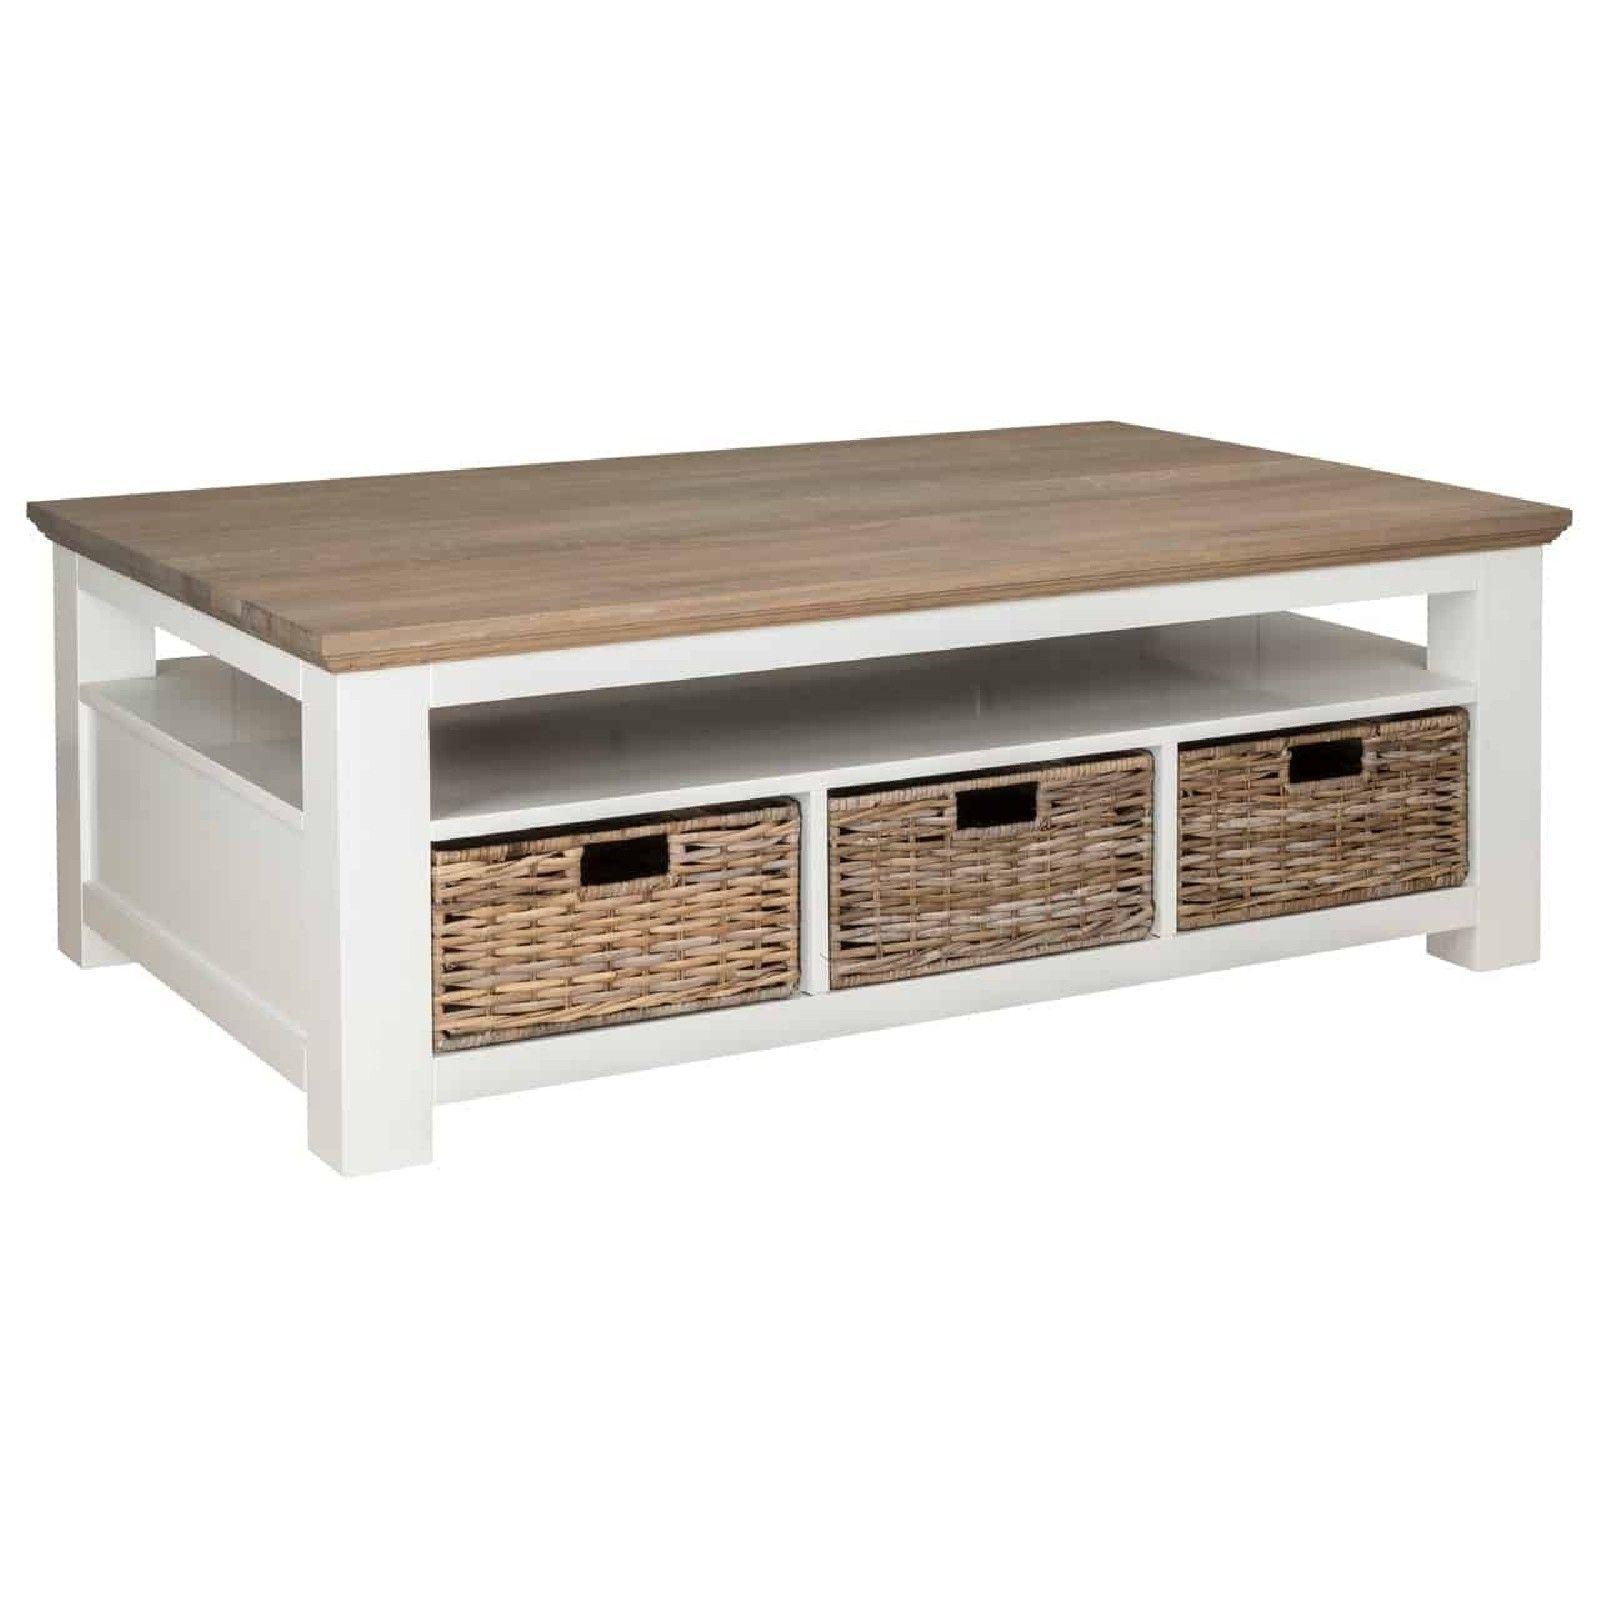 Table de salon Cardiff Tables basses rectangulaires - 2